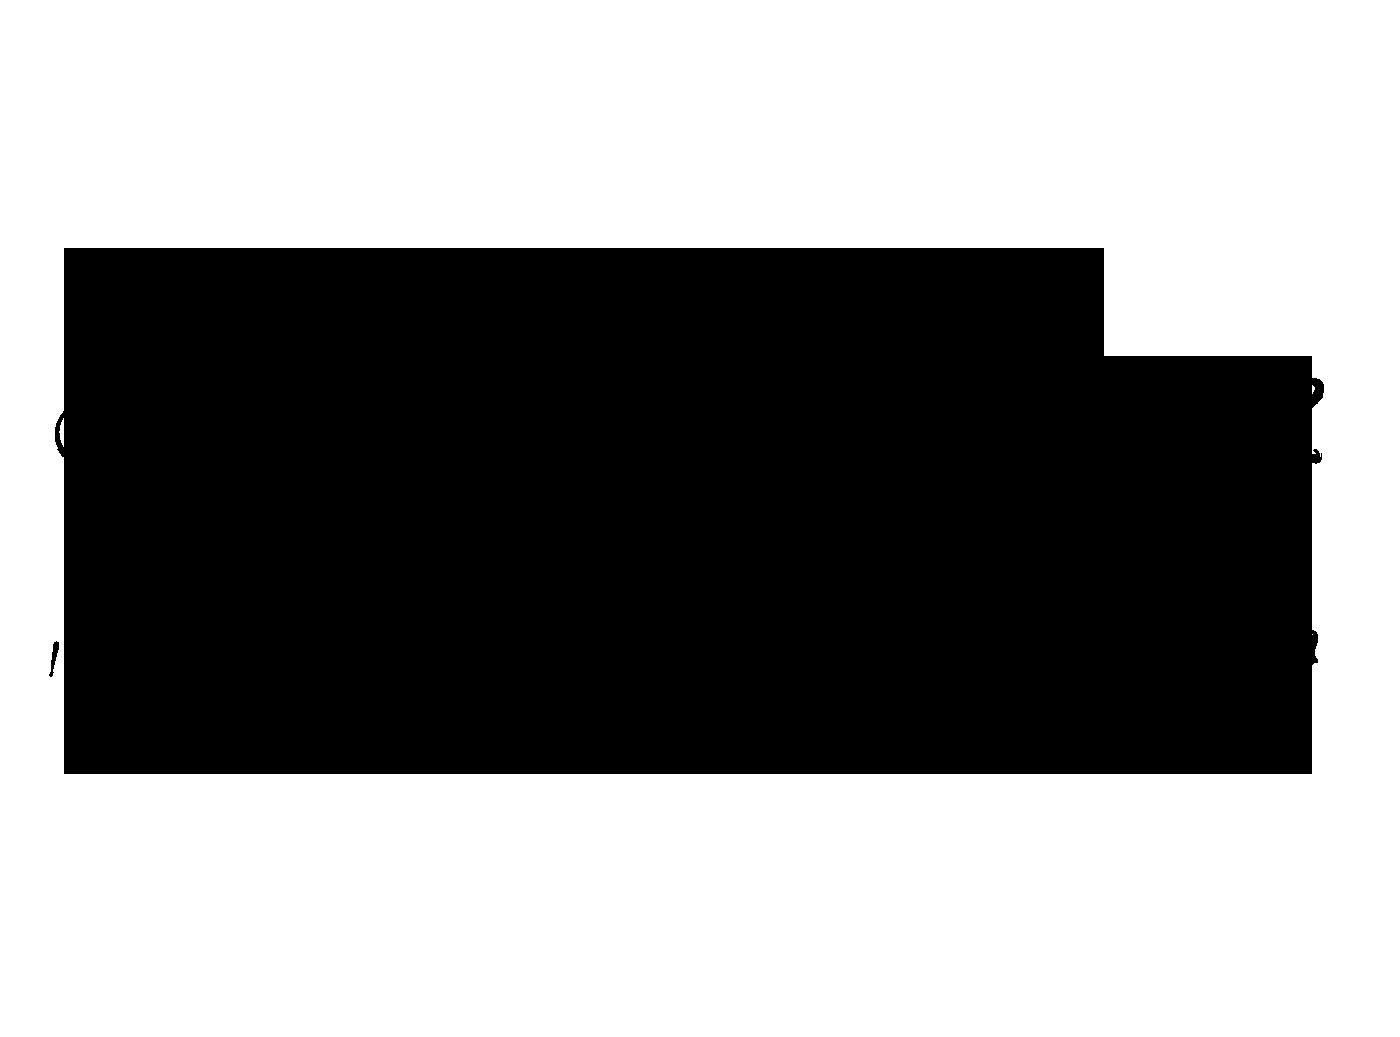 Duvetica Script Font